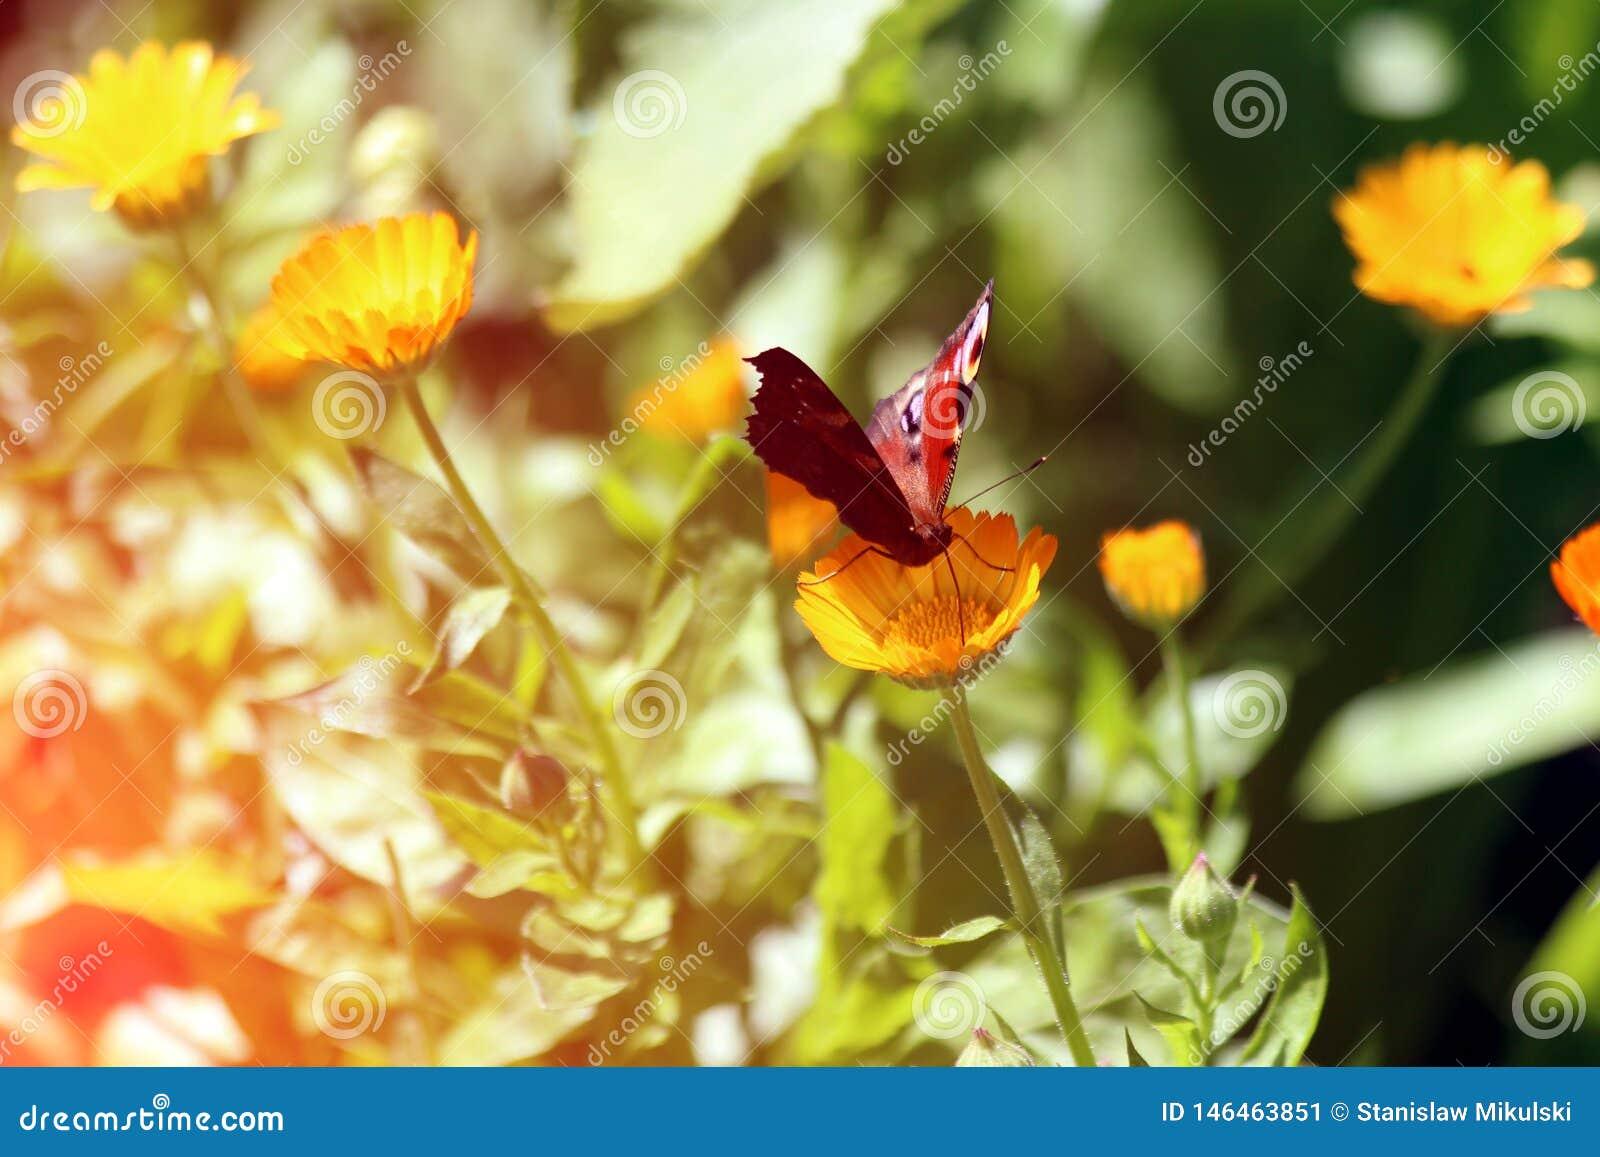 美丽的蝴蝶坐在关闭的万寿菊金盏草  医学花